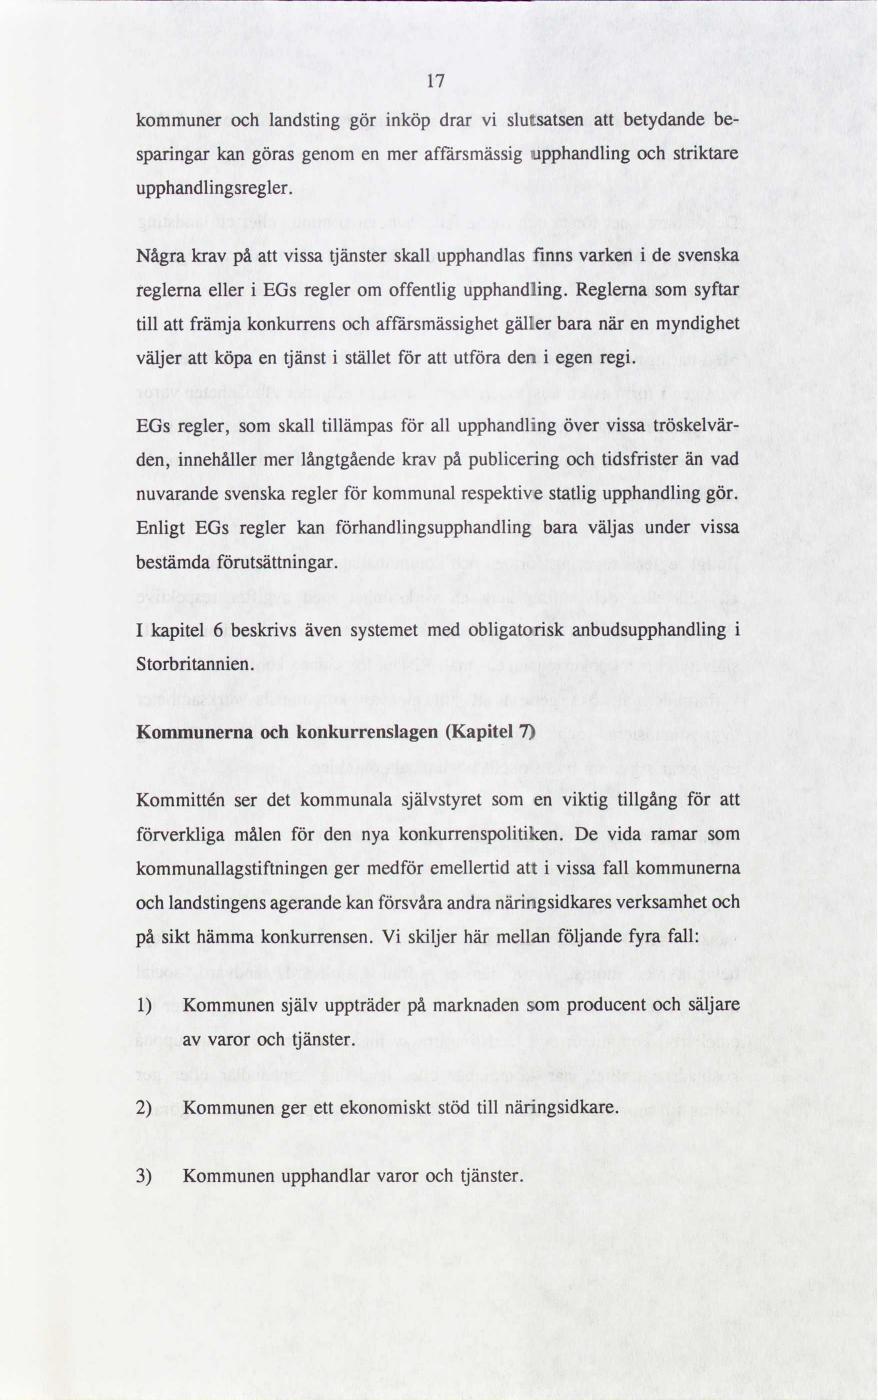 I norge kan de den svenska offentlighetsprincipen skakar